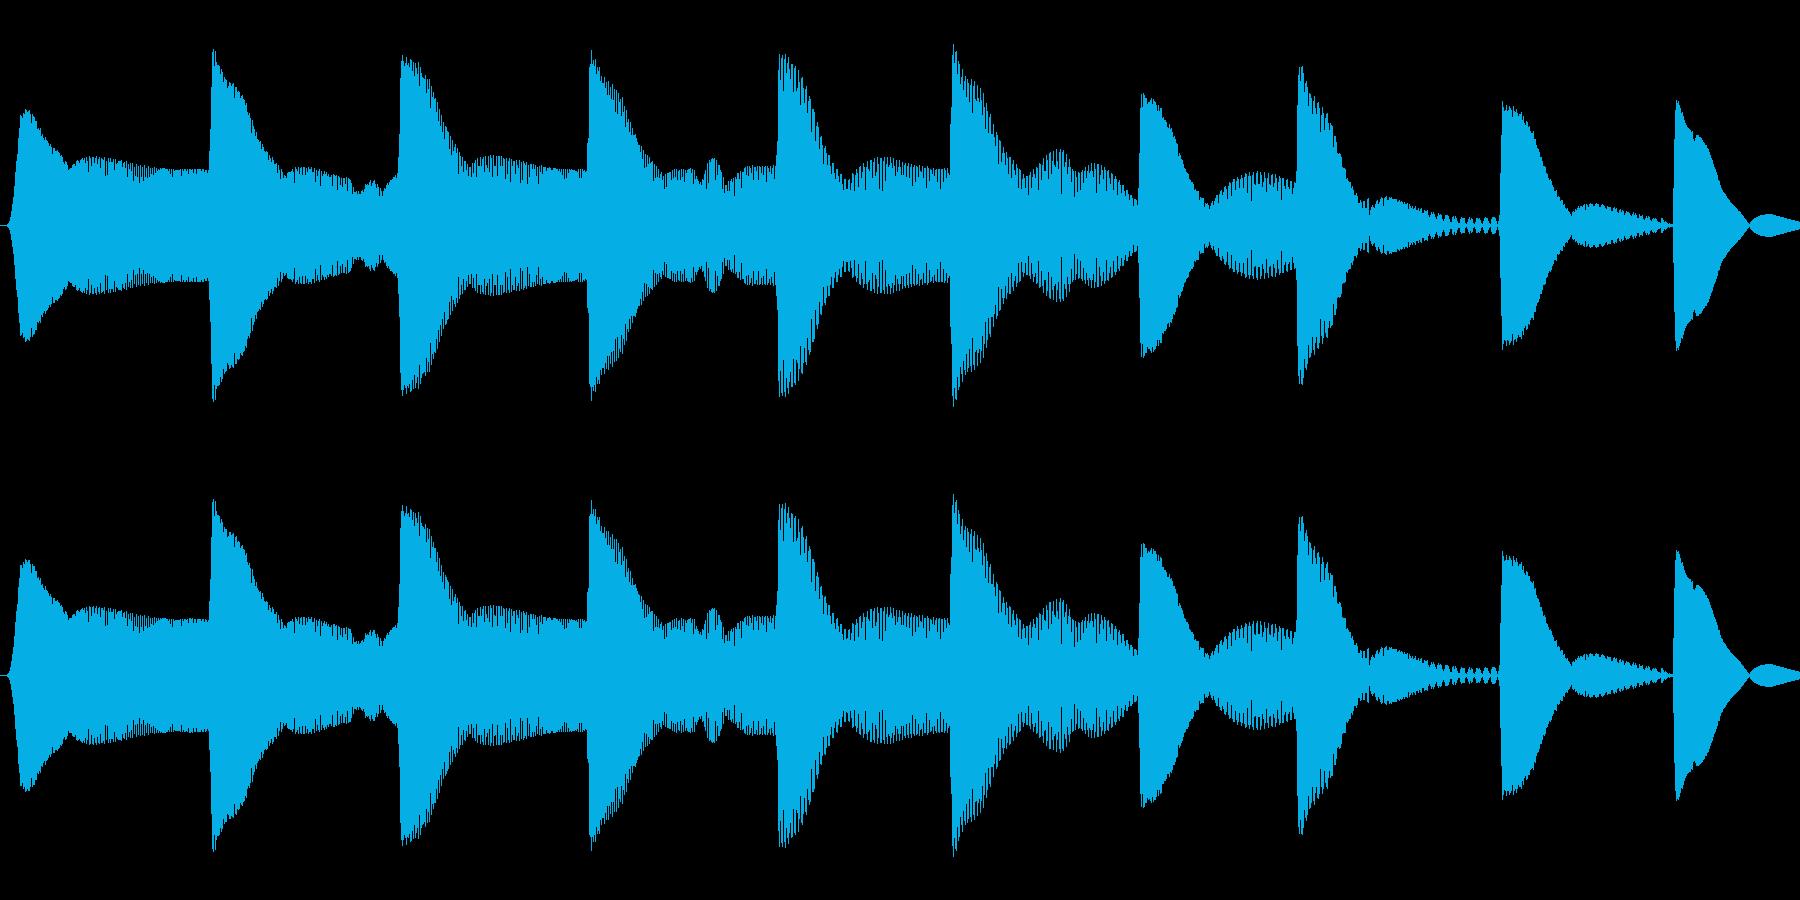 ピヨピヨ(ひよこ/混乱/ステータス異常)の再生済みの波形